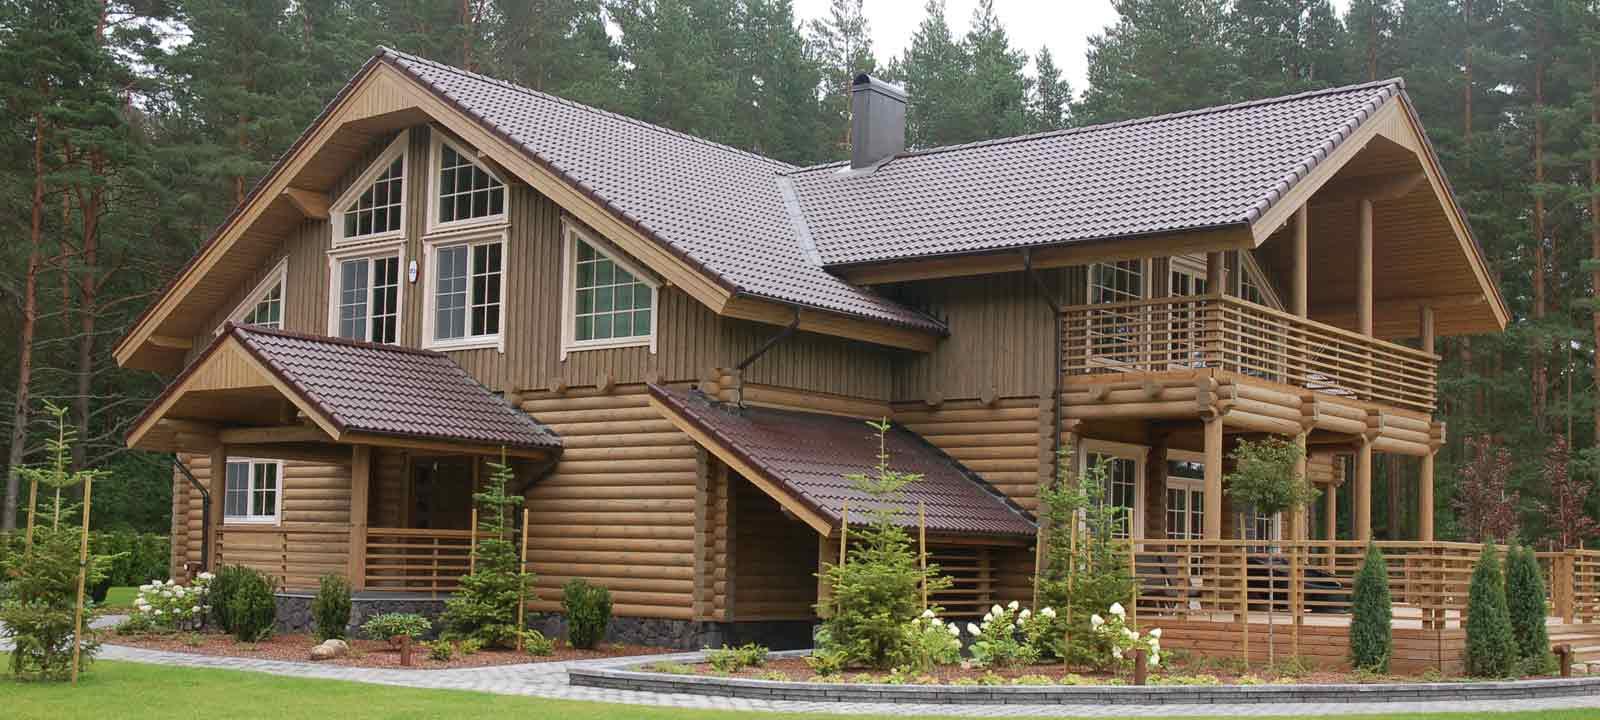 Prijzen houten huis laten bouwen stunning huis laten for Houten huis laten bouwen